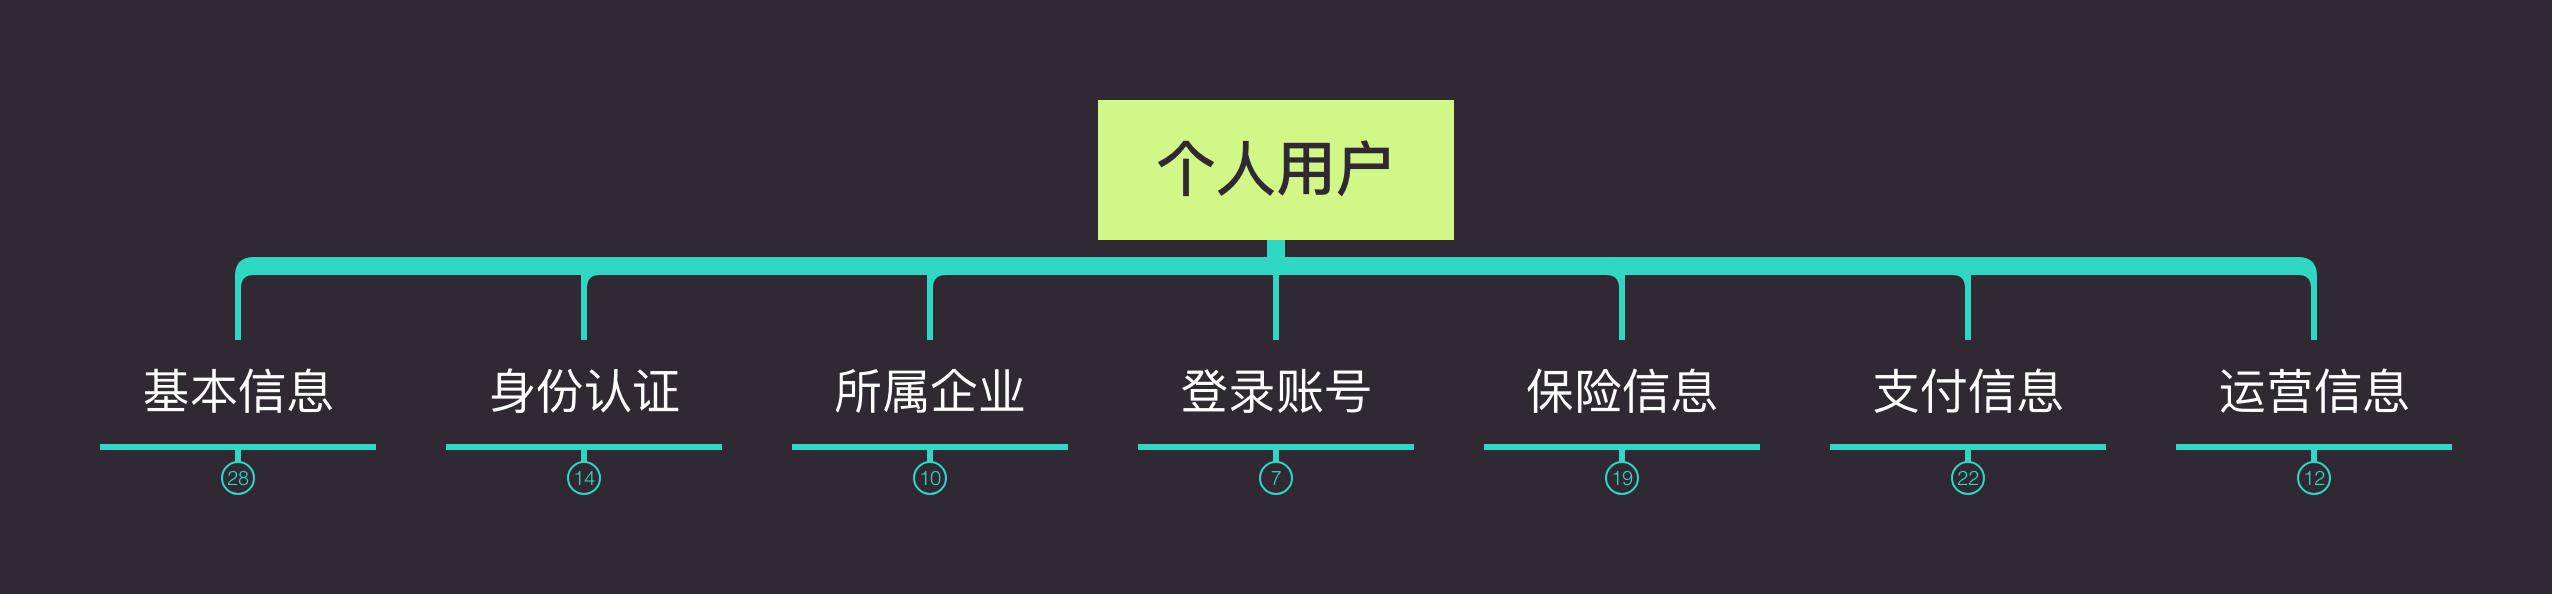 常被混淆的账号体系与账户体系插图2